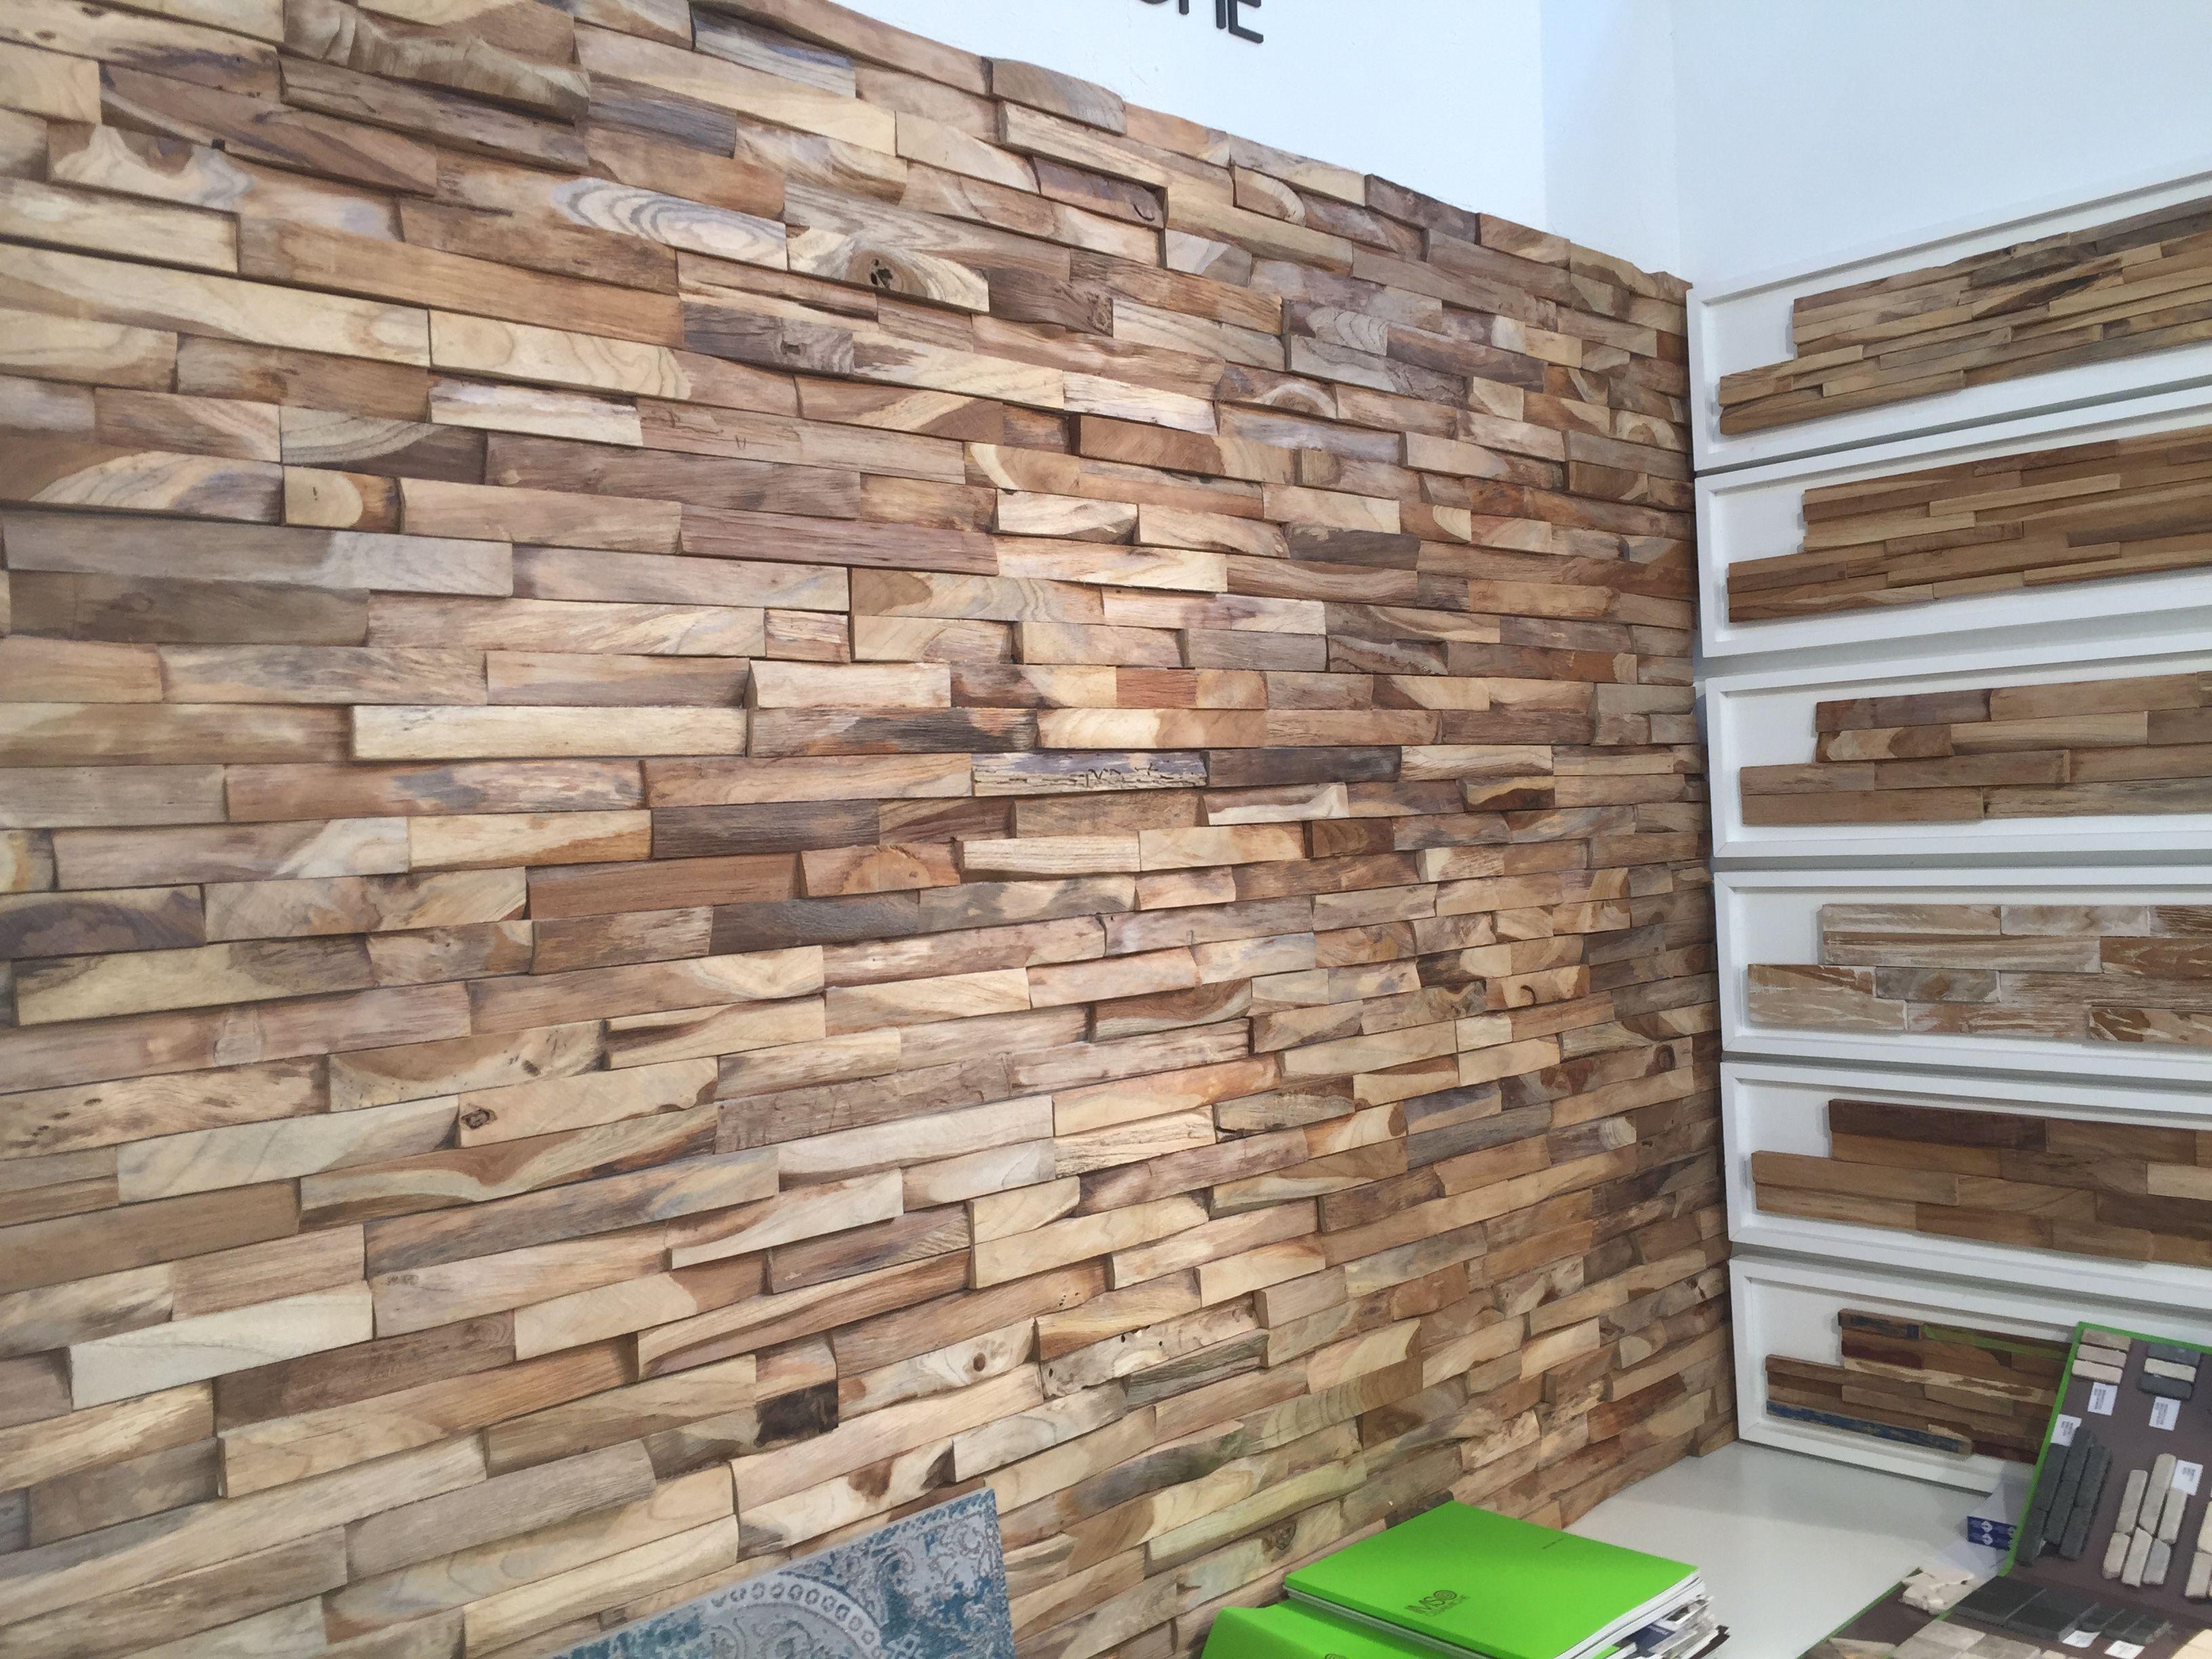 Knappe houtstrips voor op de muur. Nieuwigheden 2016